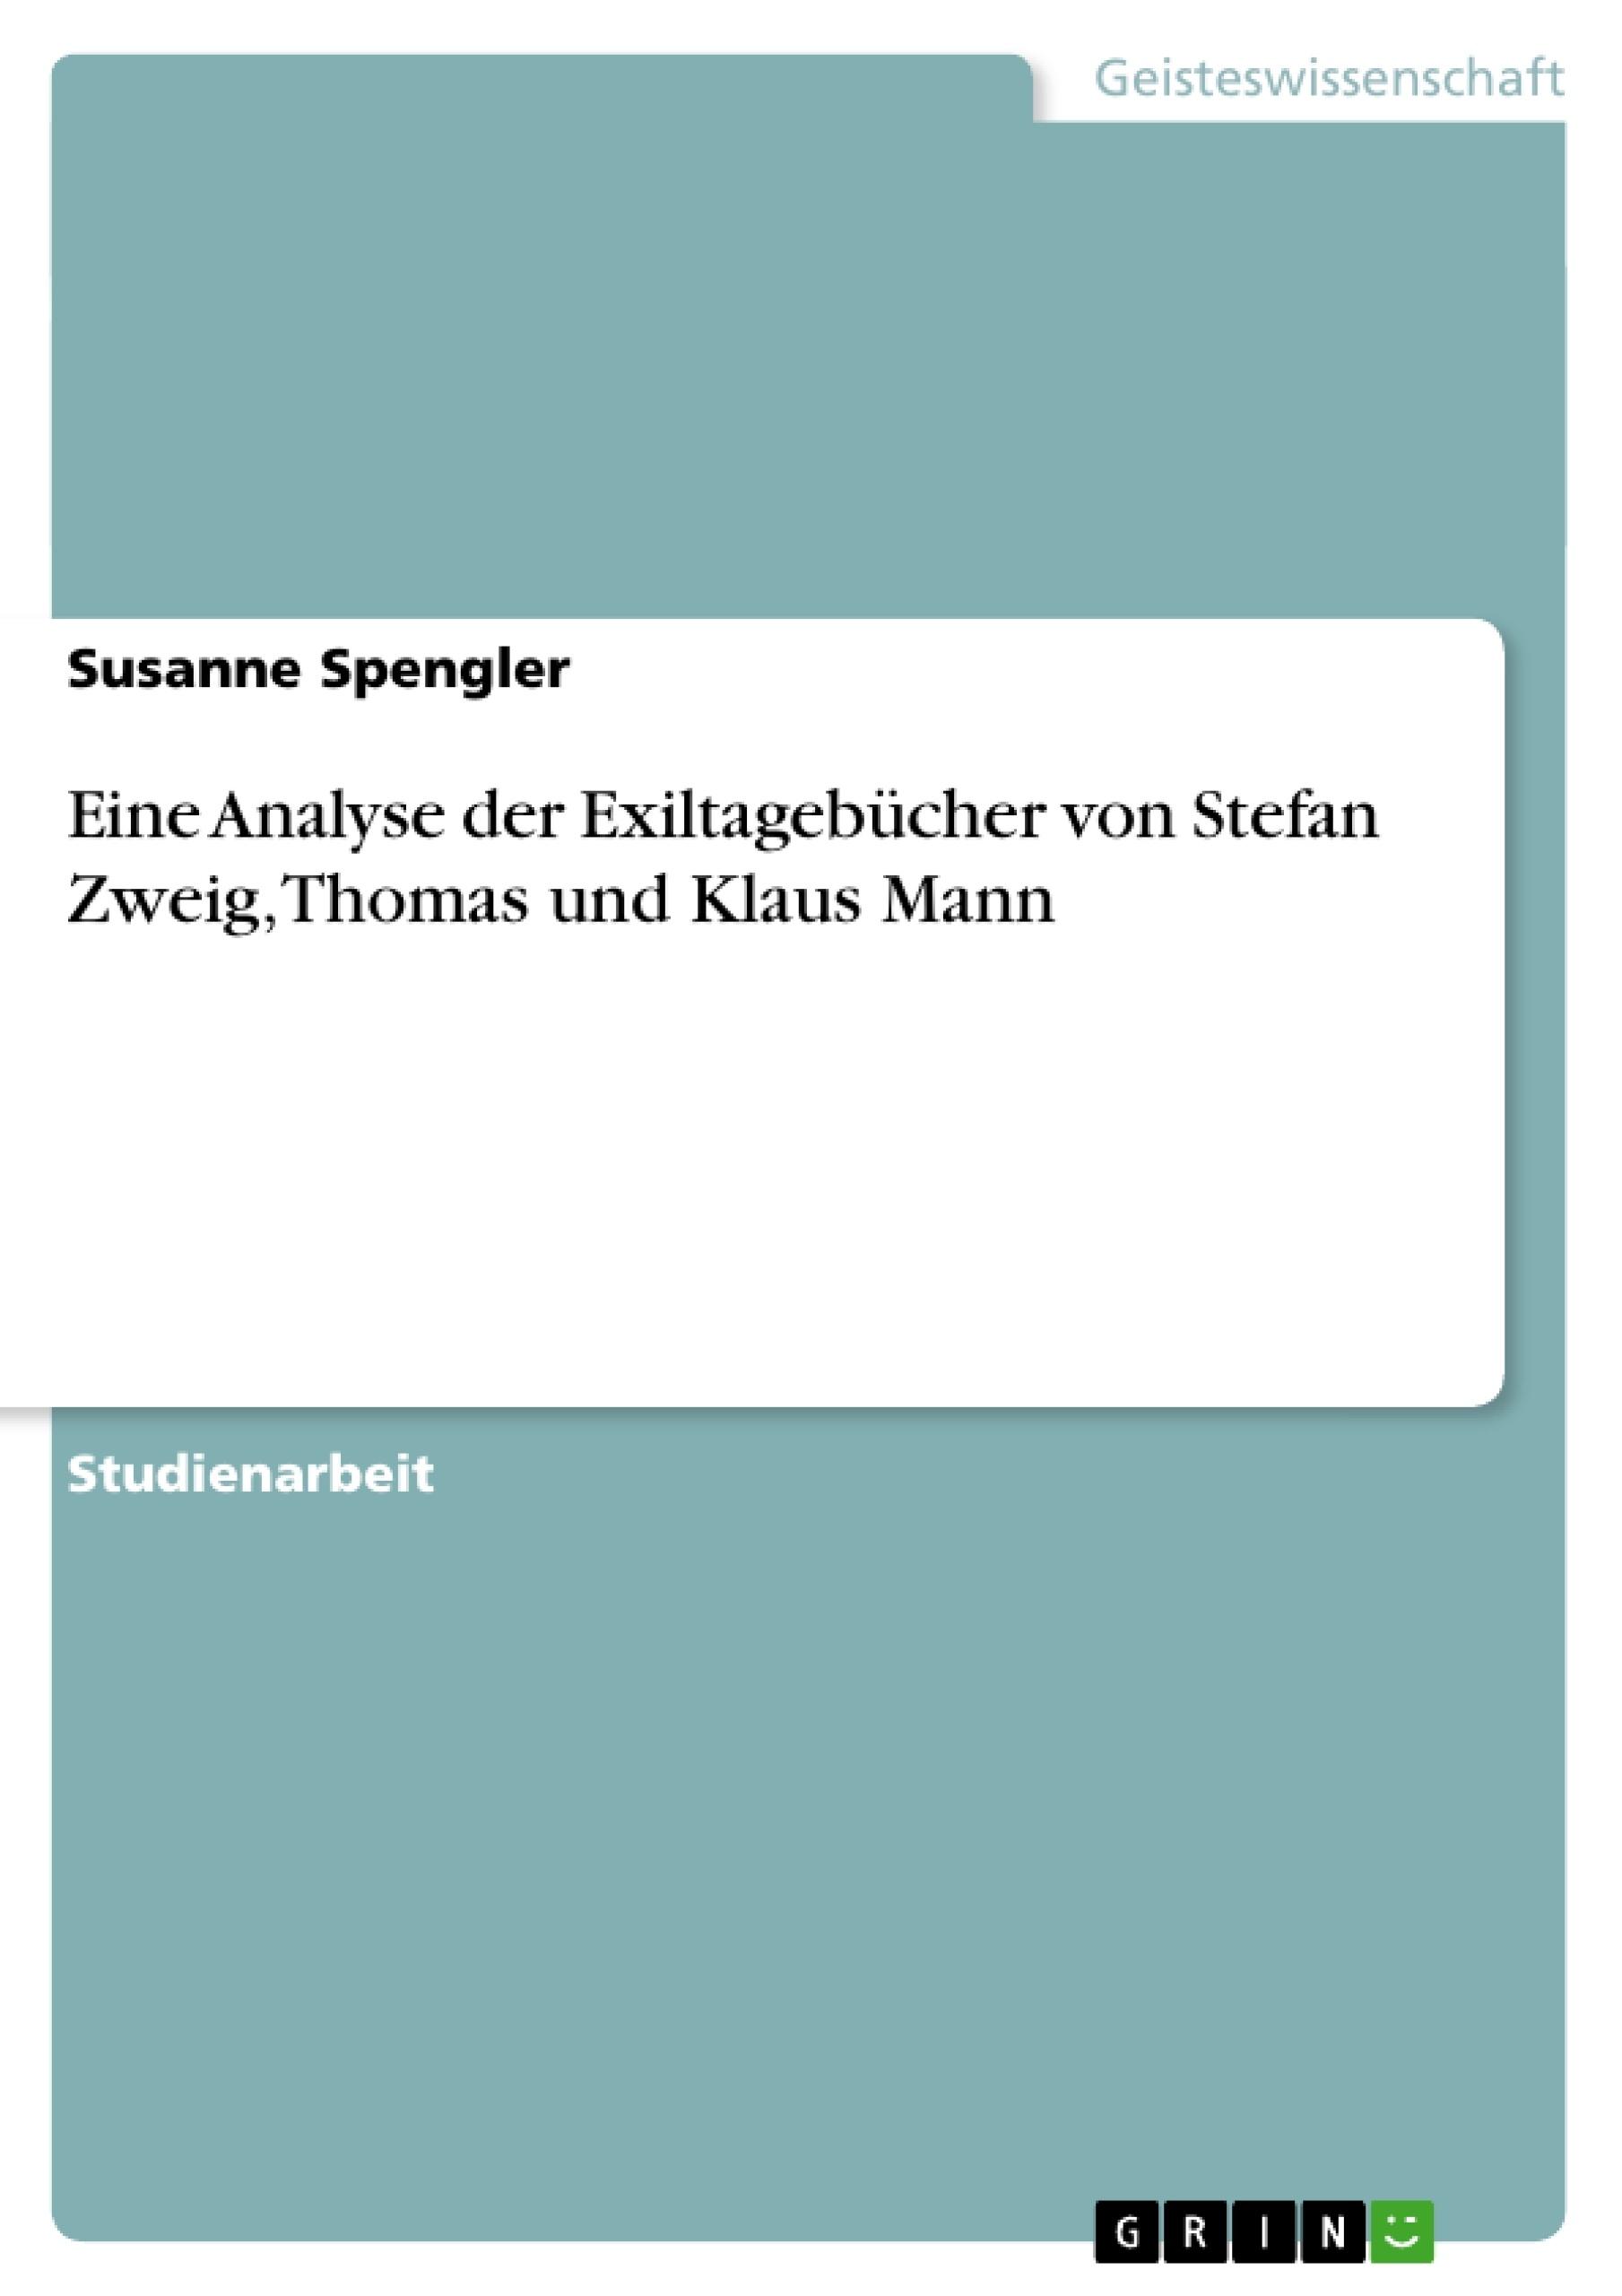 Titel: Eine Analyse der Exiltagebücher von Stefan Zweig, Thomas und Klaus Mann